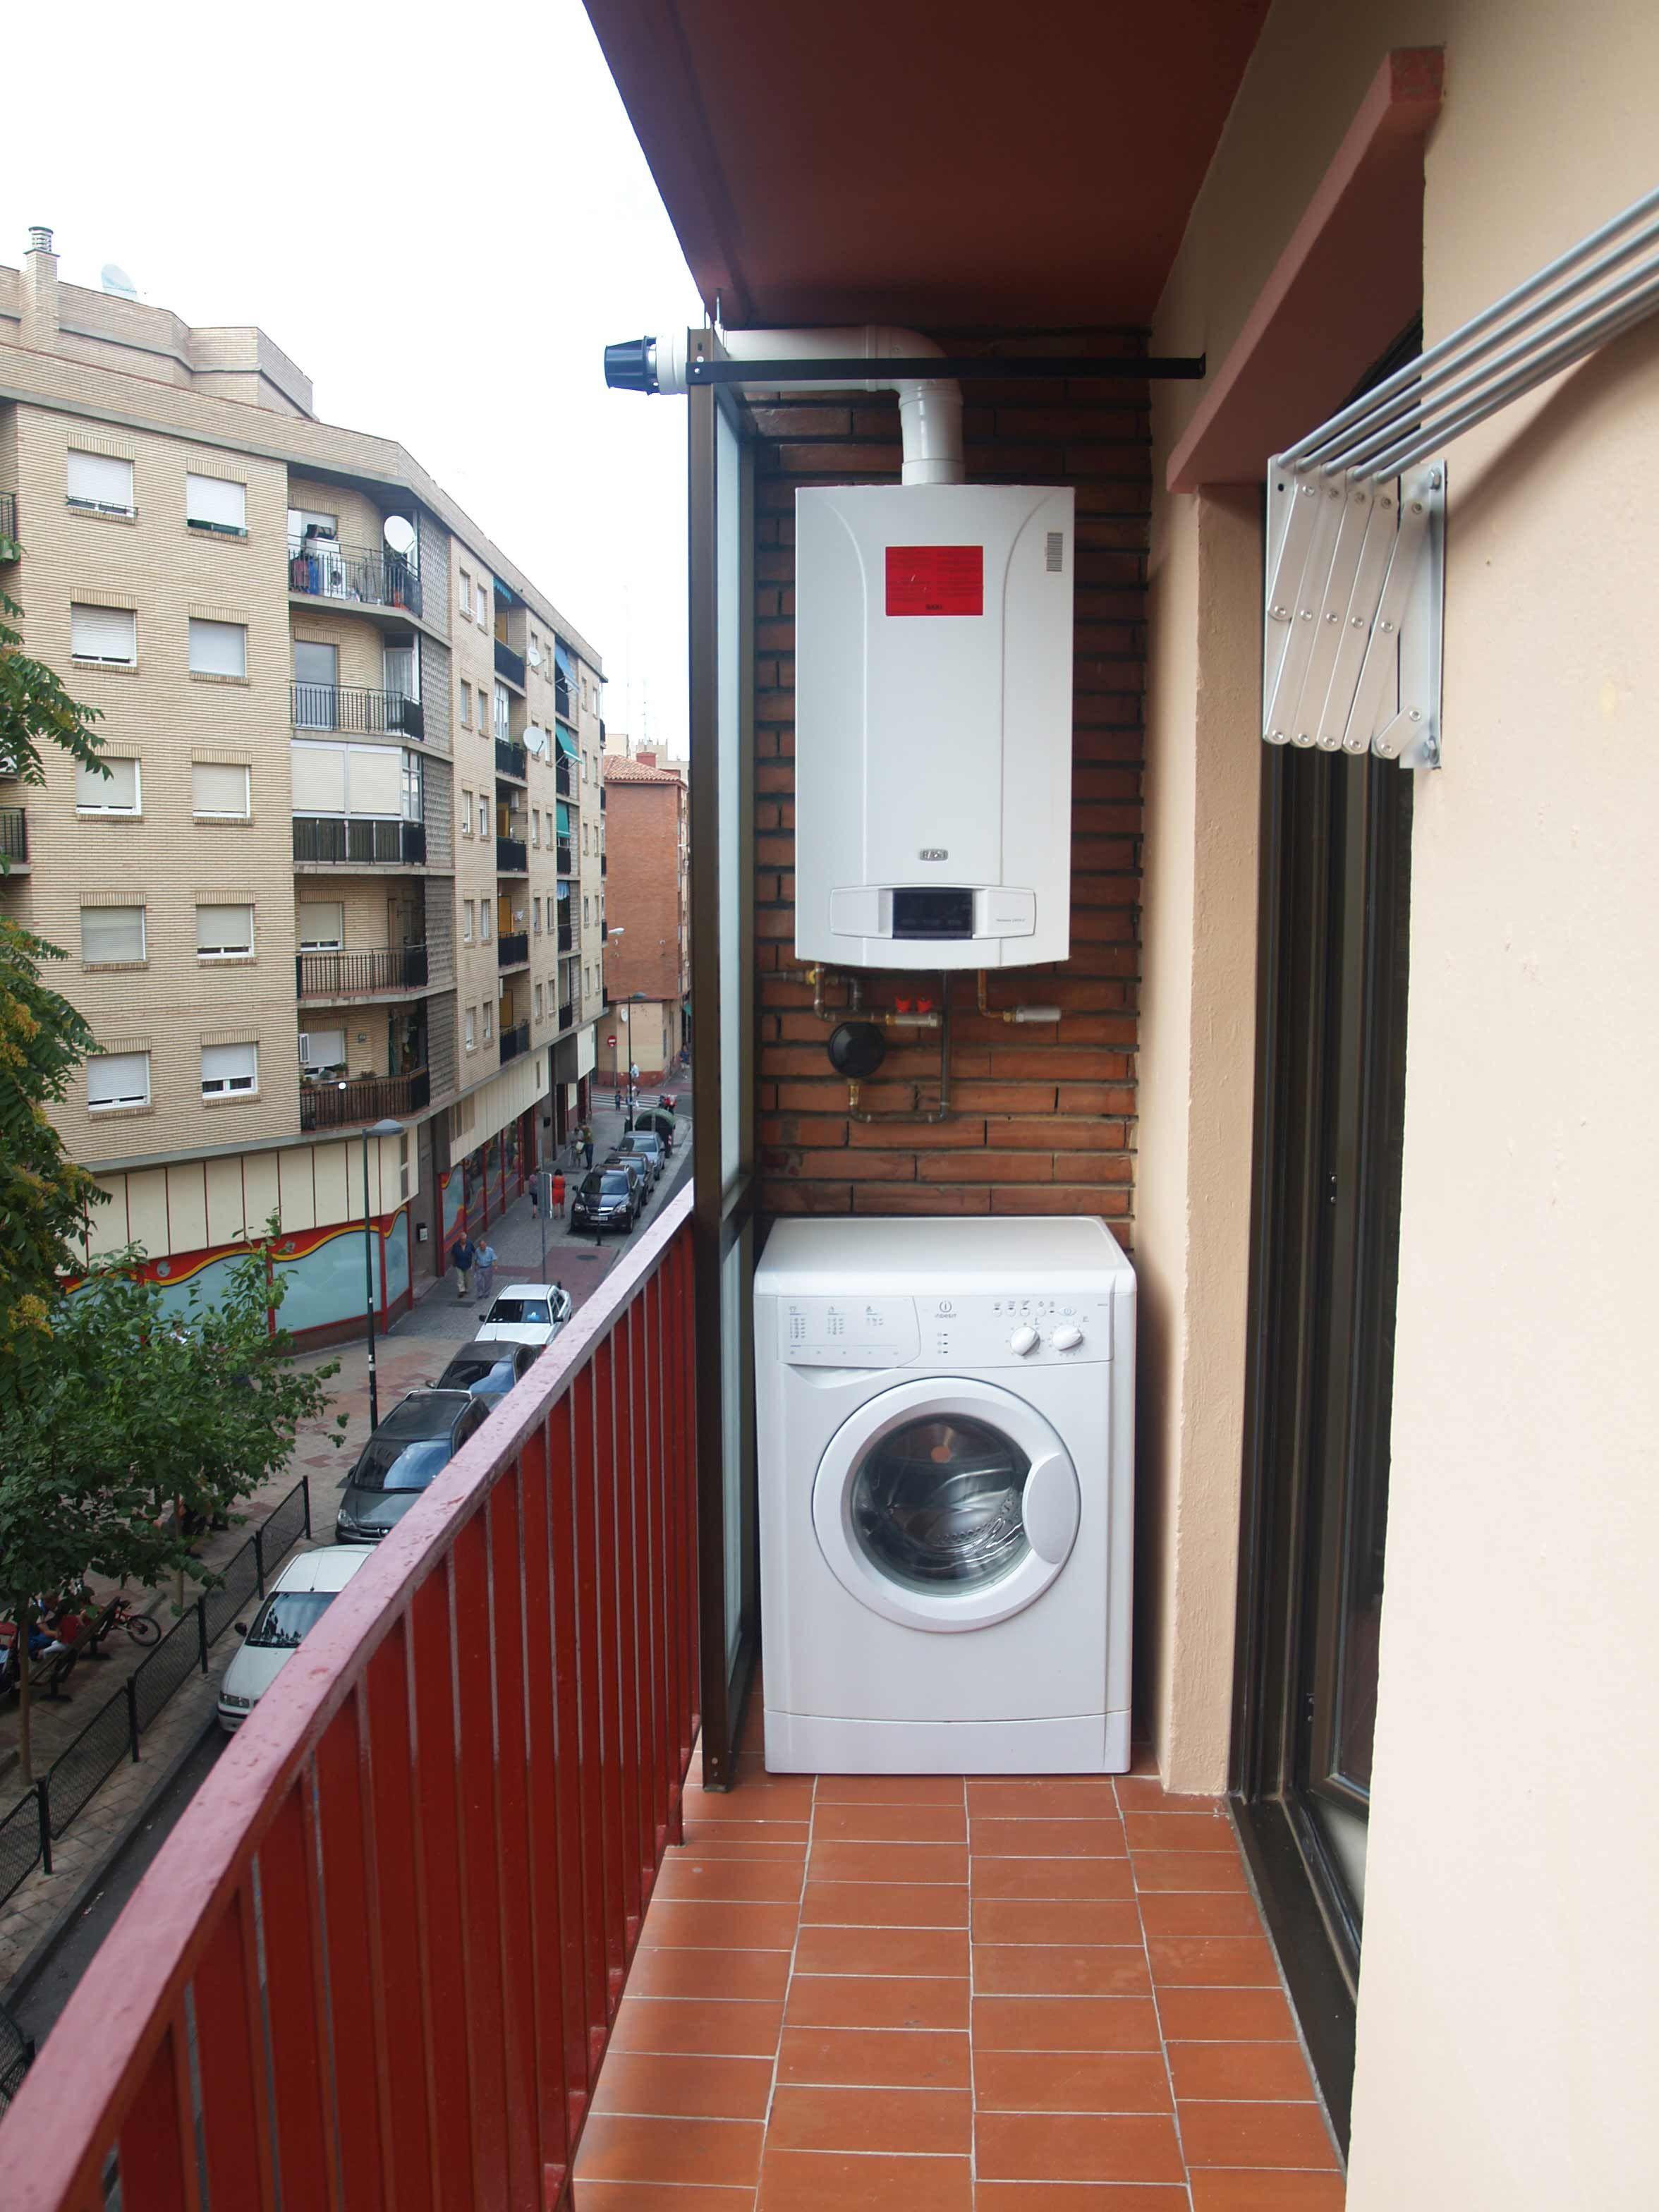 La terraza donde se encuentra la caldera y la lavadora for Mueble lavadora exterior